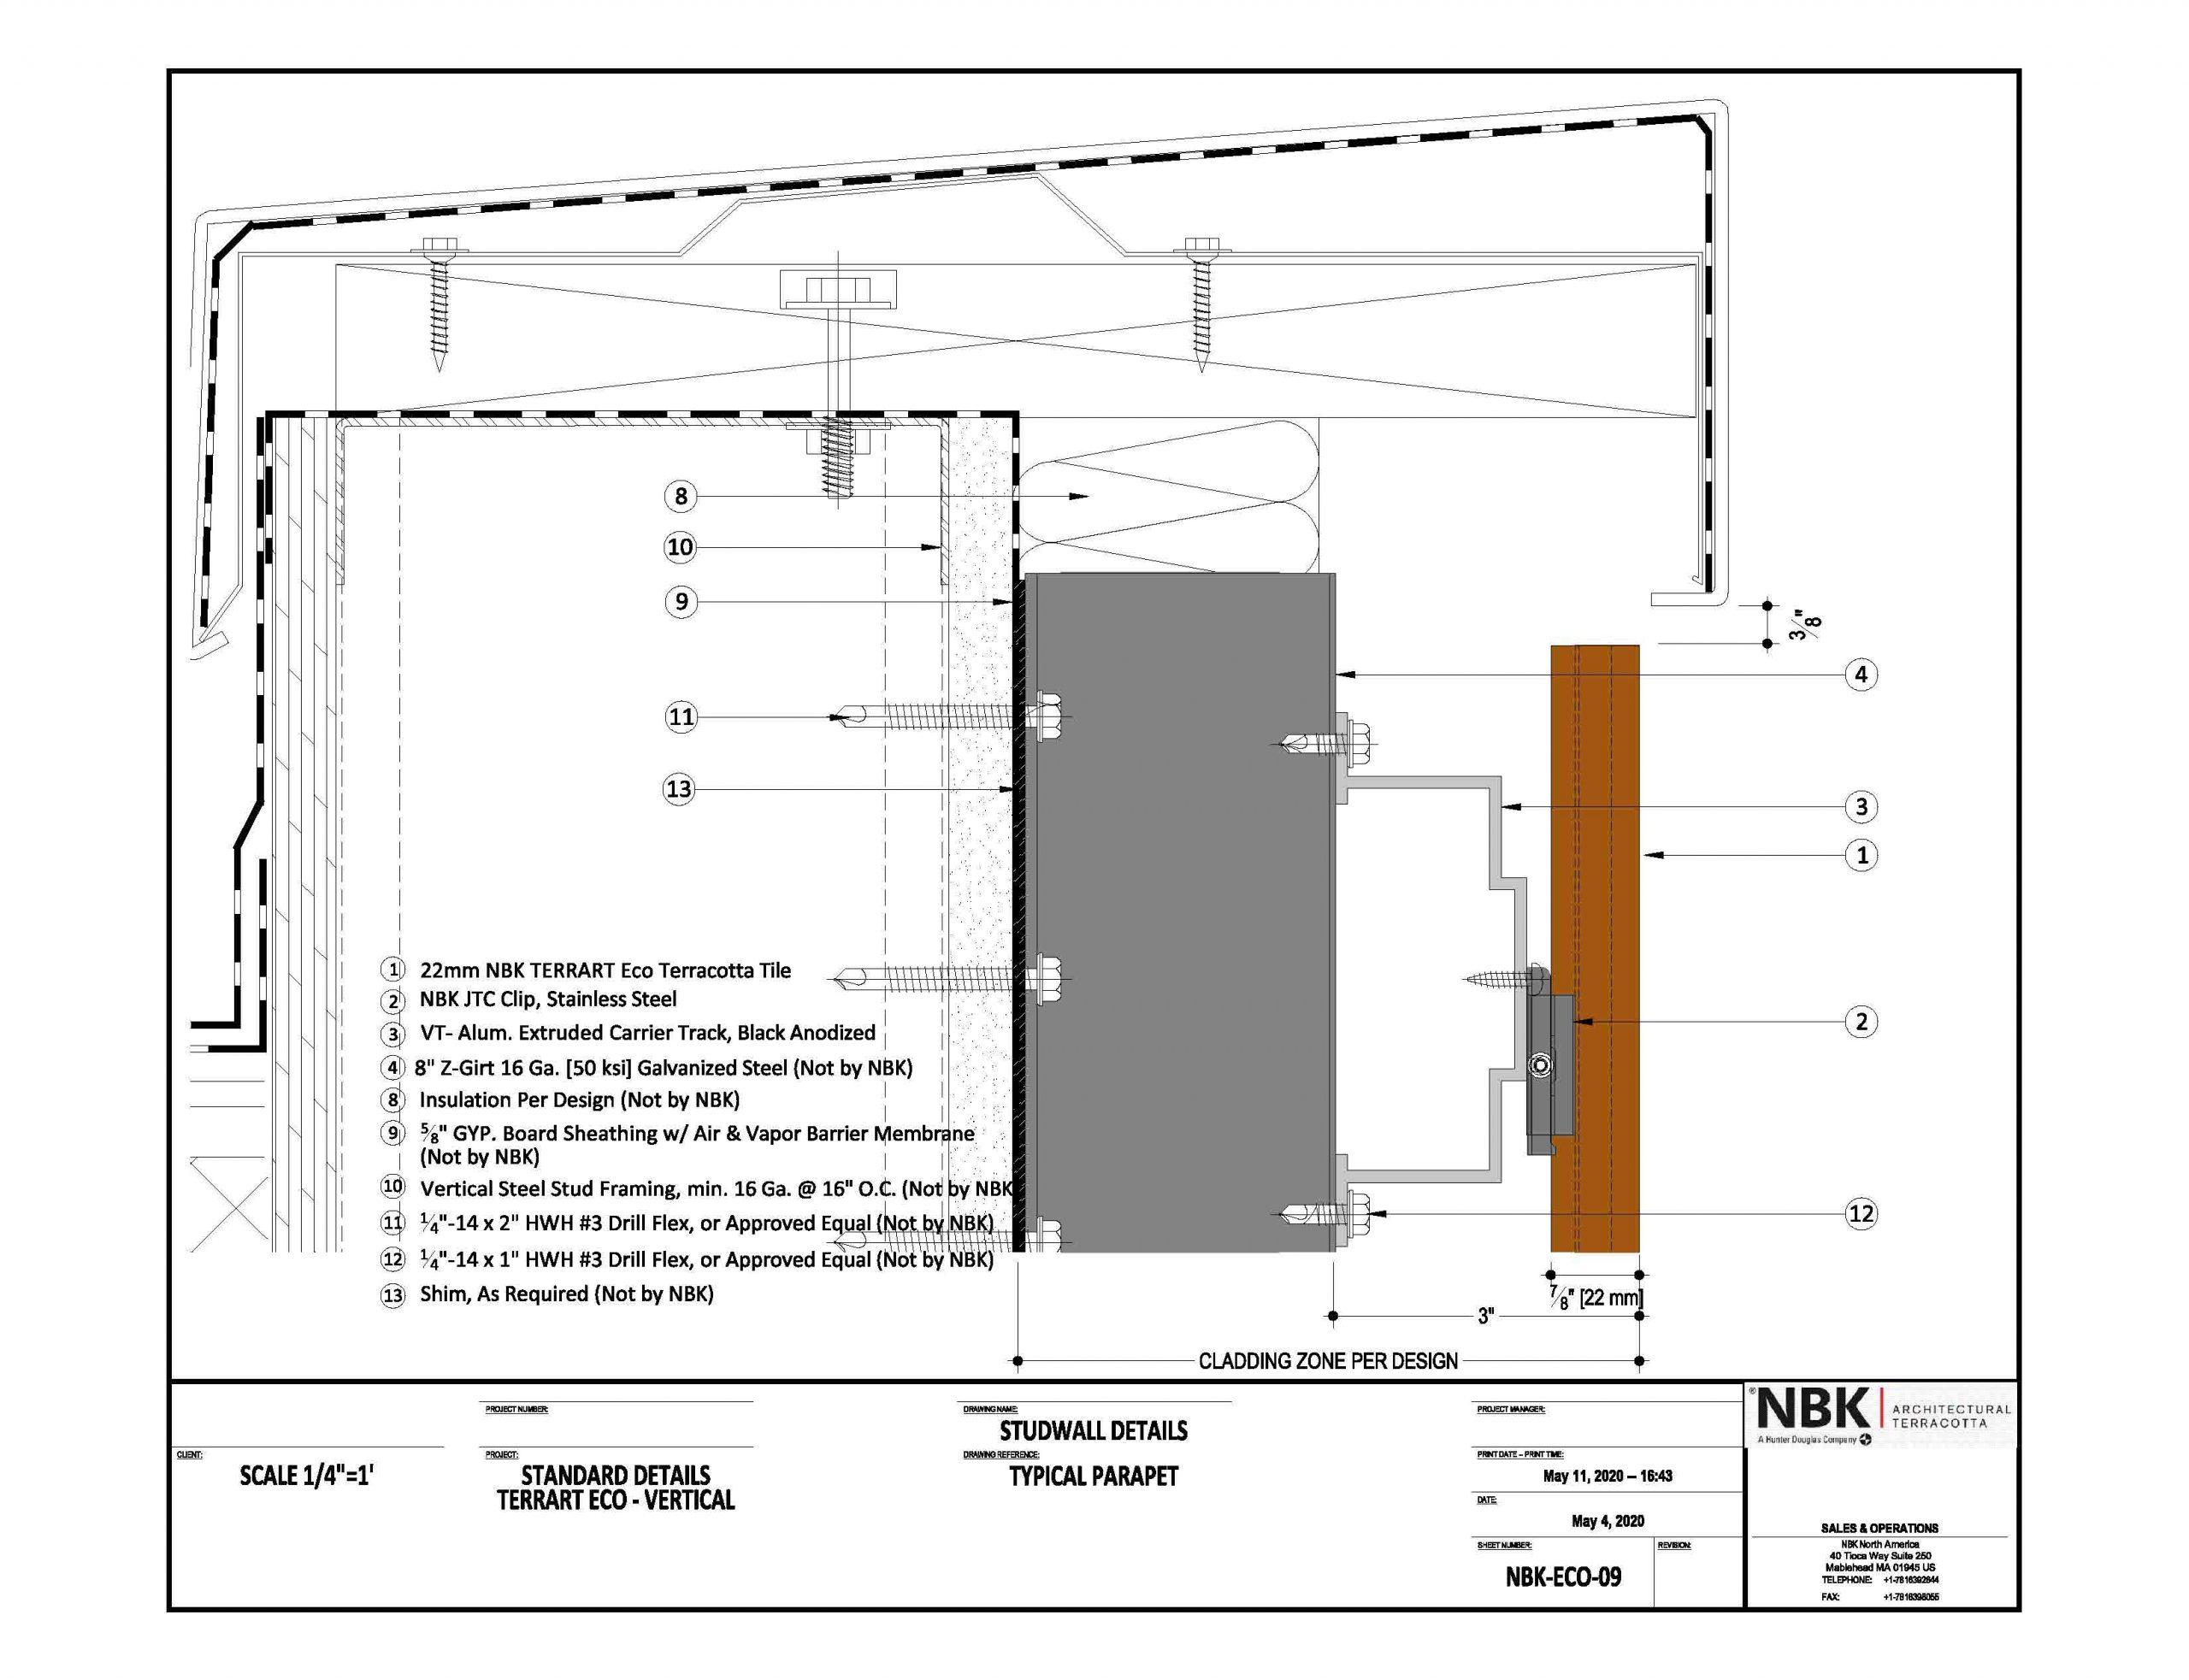 NBK-ECO-09_Vertical - Typical Parapet